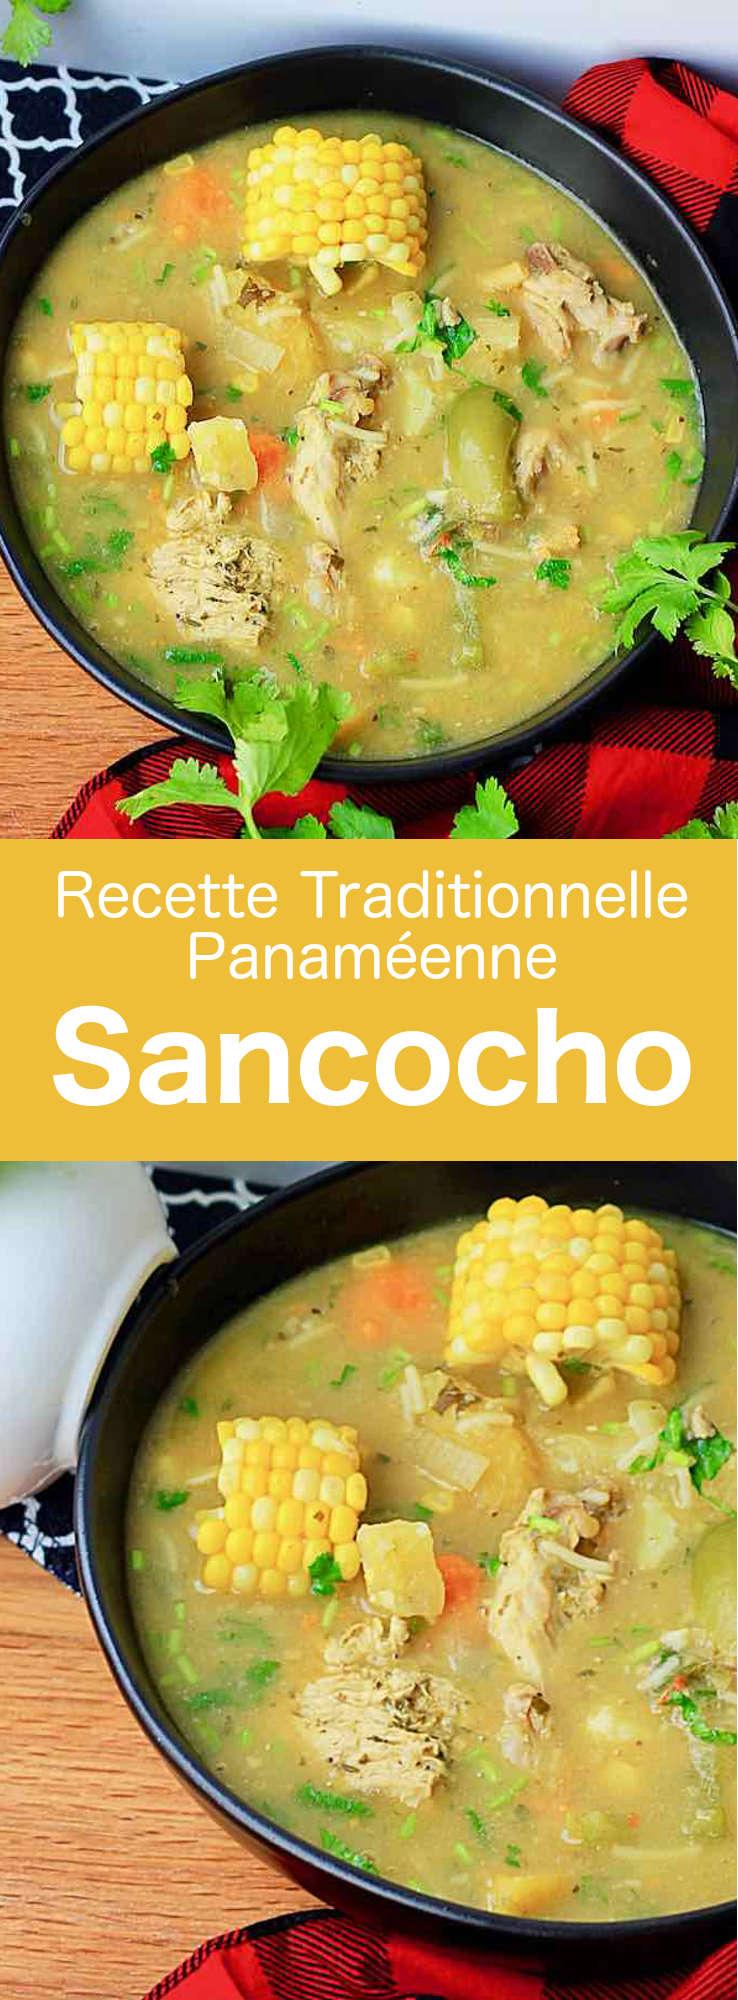 Le sancocho est une soupe traditionnelle dans plusieurs cuisines latino-américaines, composée de poulet ou de bœuf et de légumes-racines. #Panama #CuisinePanameenne #AmeriqueCentrale #CuisineDuMonde #196flavors